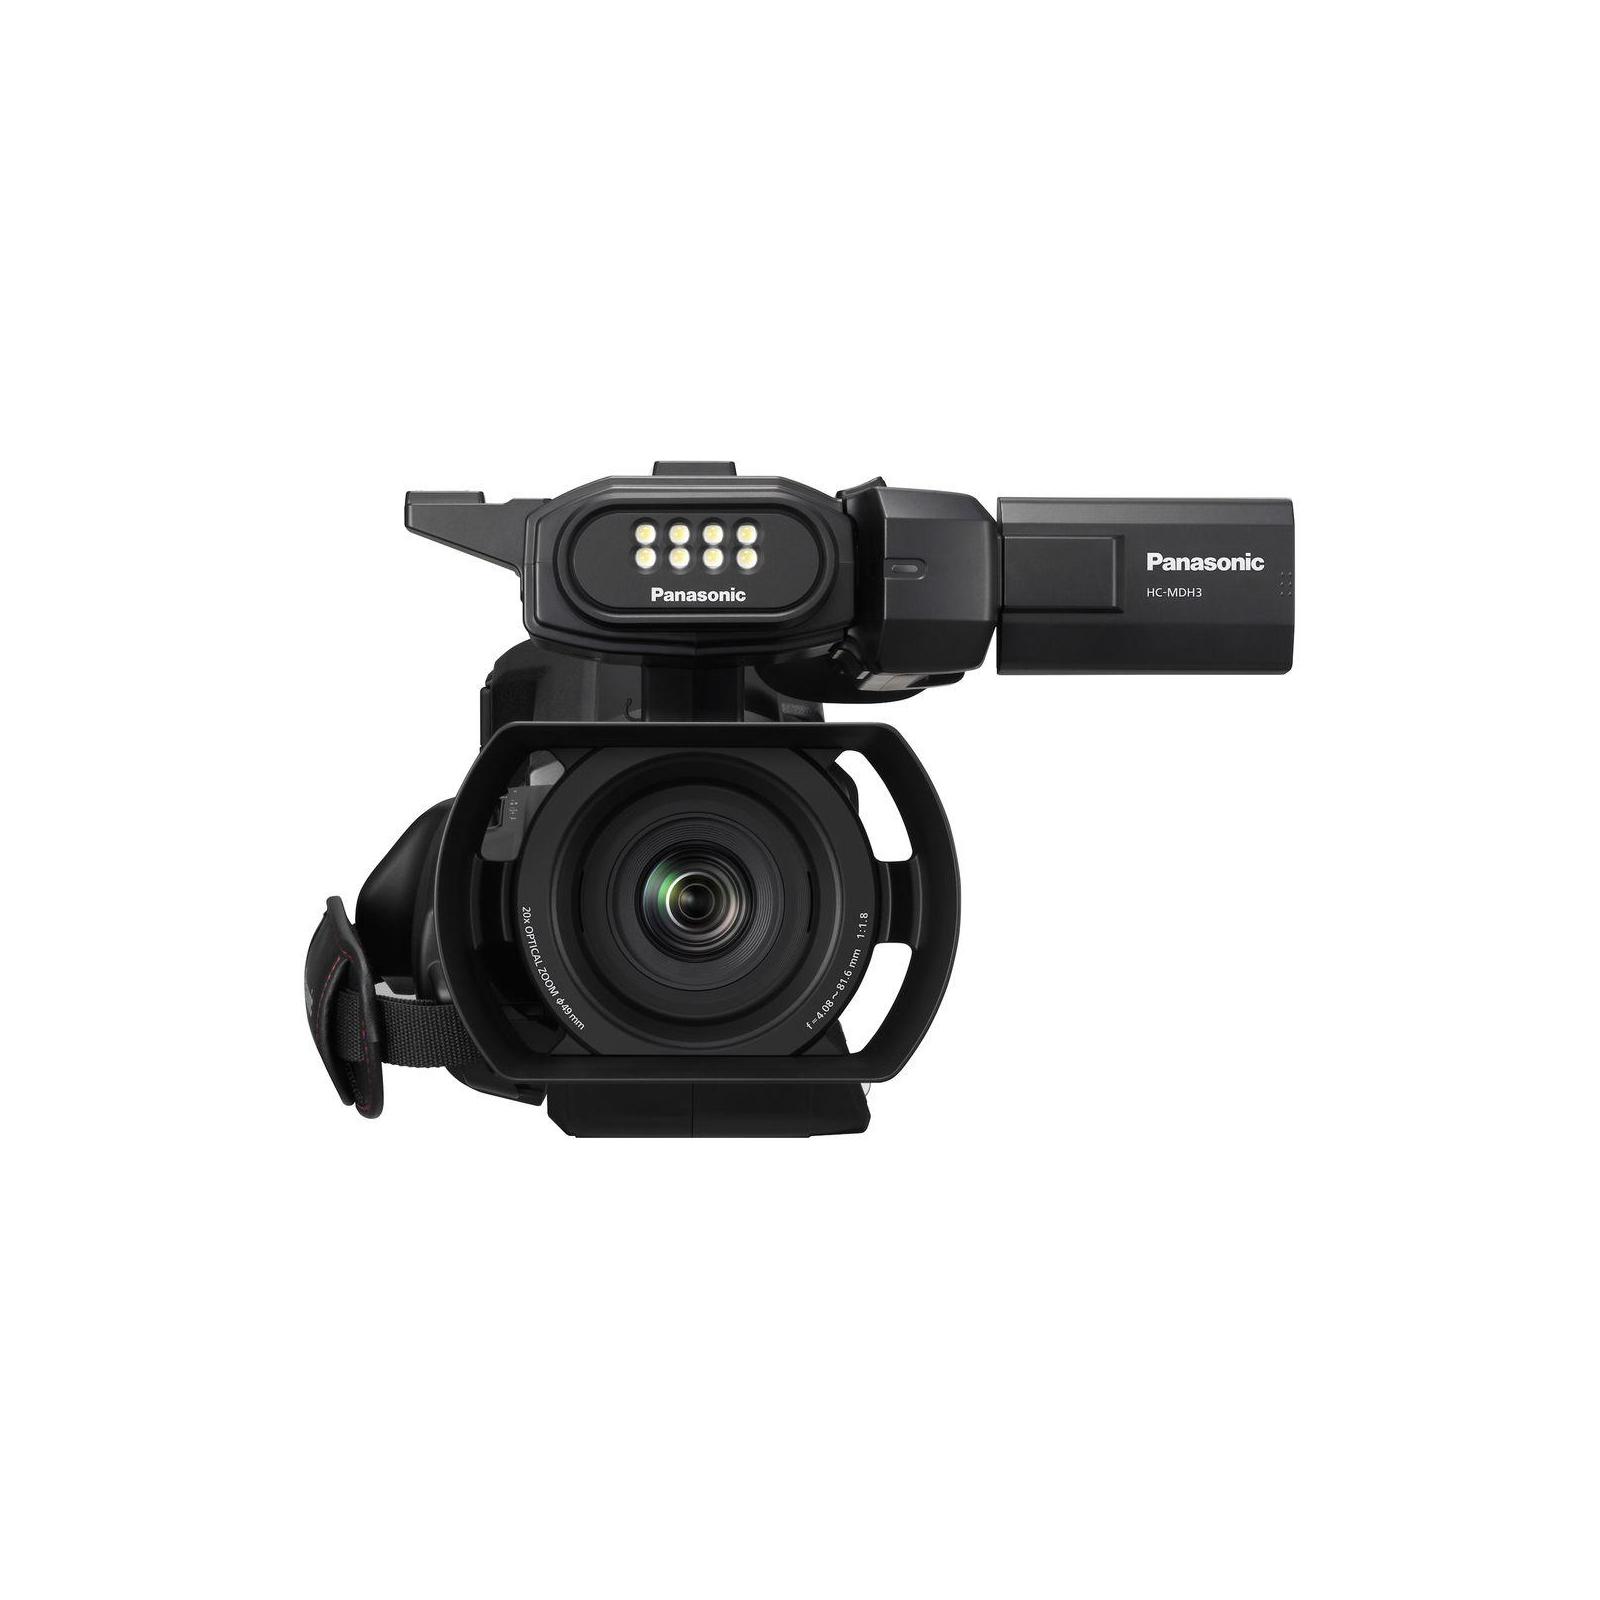 Цифровая видеокамера PANASONIC HC-MDH3E изображение 7